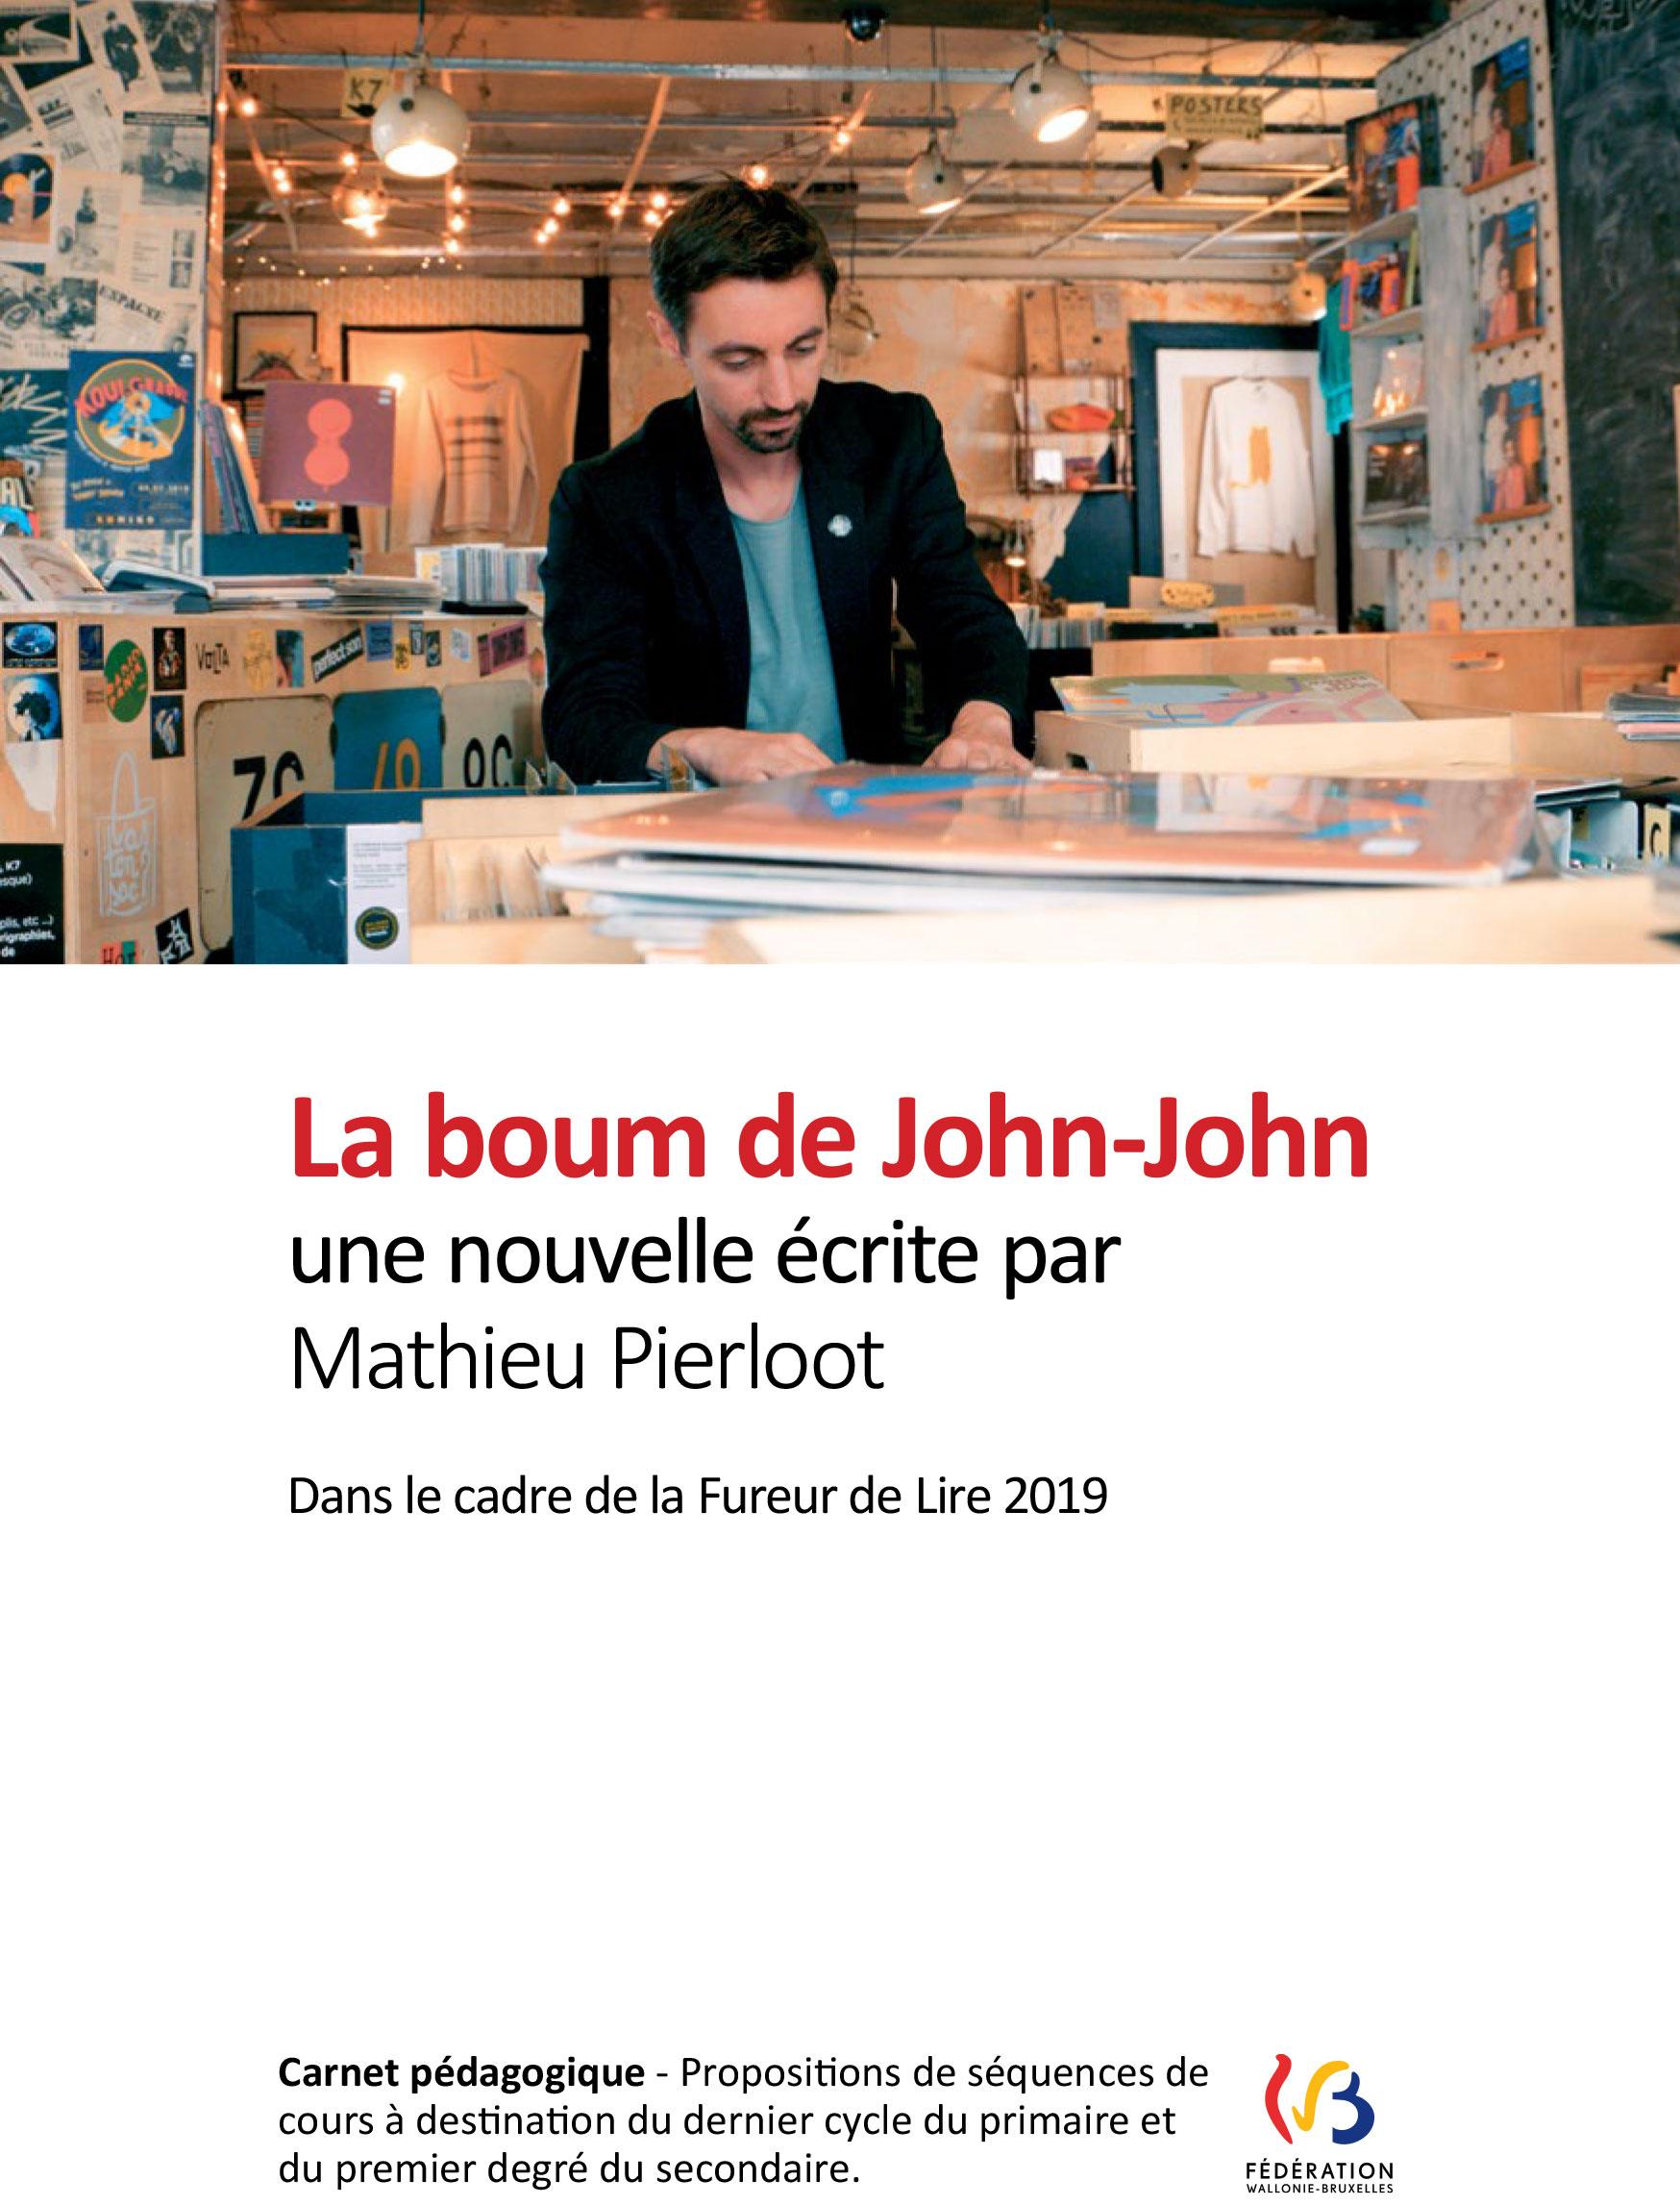 Dossier pédagogique : La boum de John-John